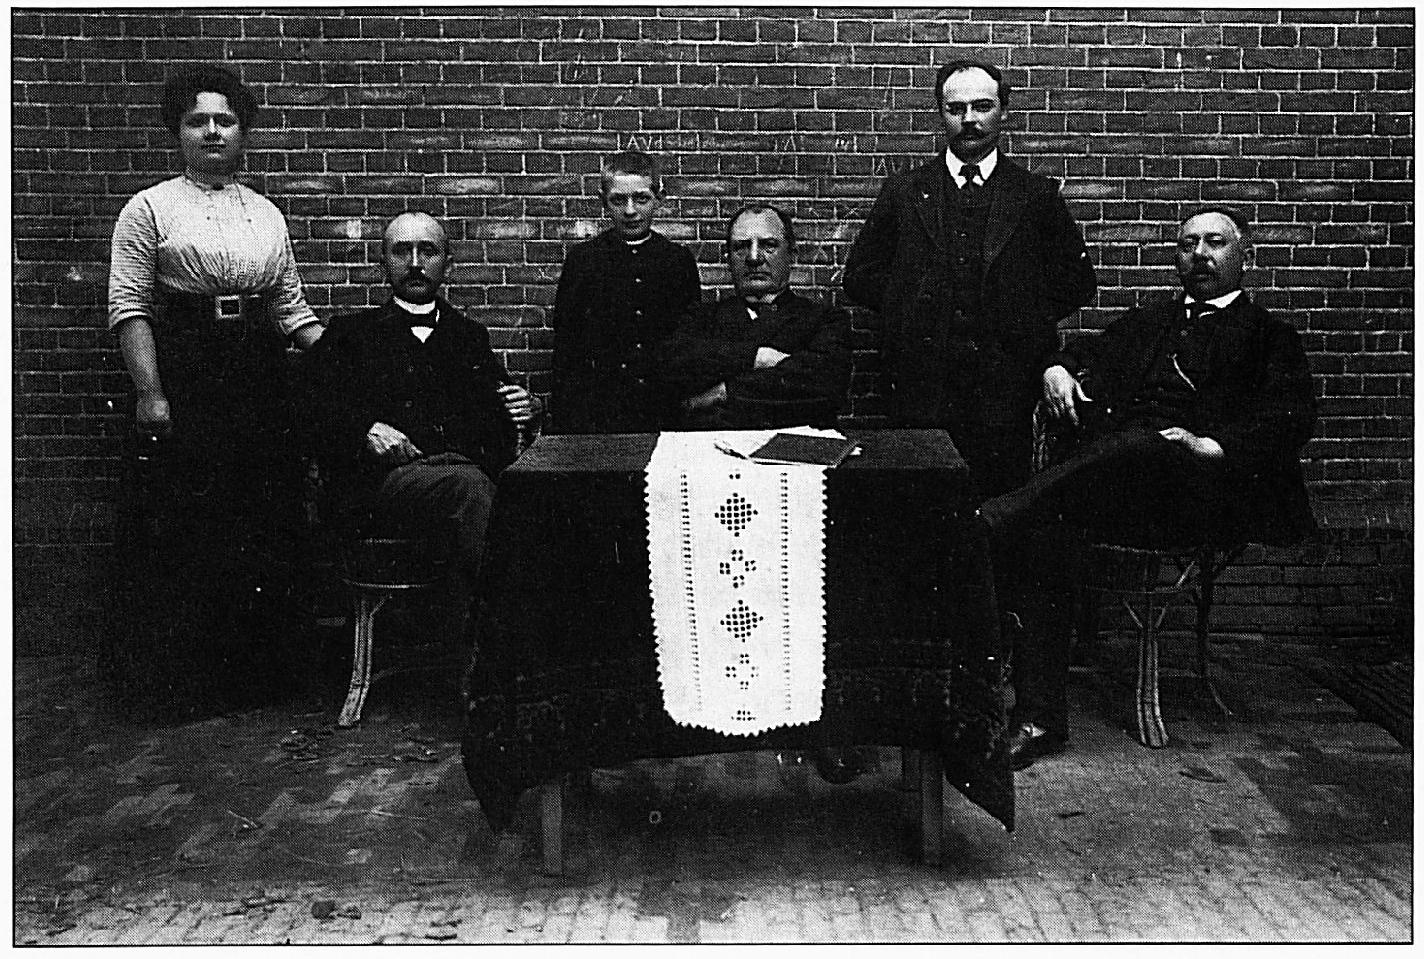 Dit is een van de oudste foto 's betreffende het lager onderwijs in Wamel Hij stamt uit de periode tussen 1905 en 1910. V.l.n.r. .... , Vincent, .... , Domsdorf, Van Oijen en Otten.